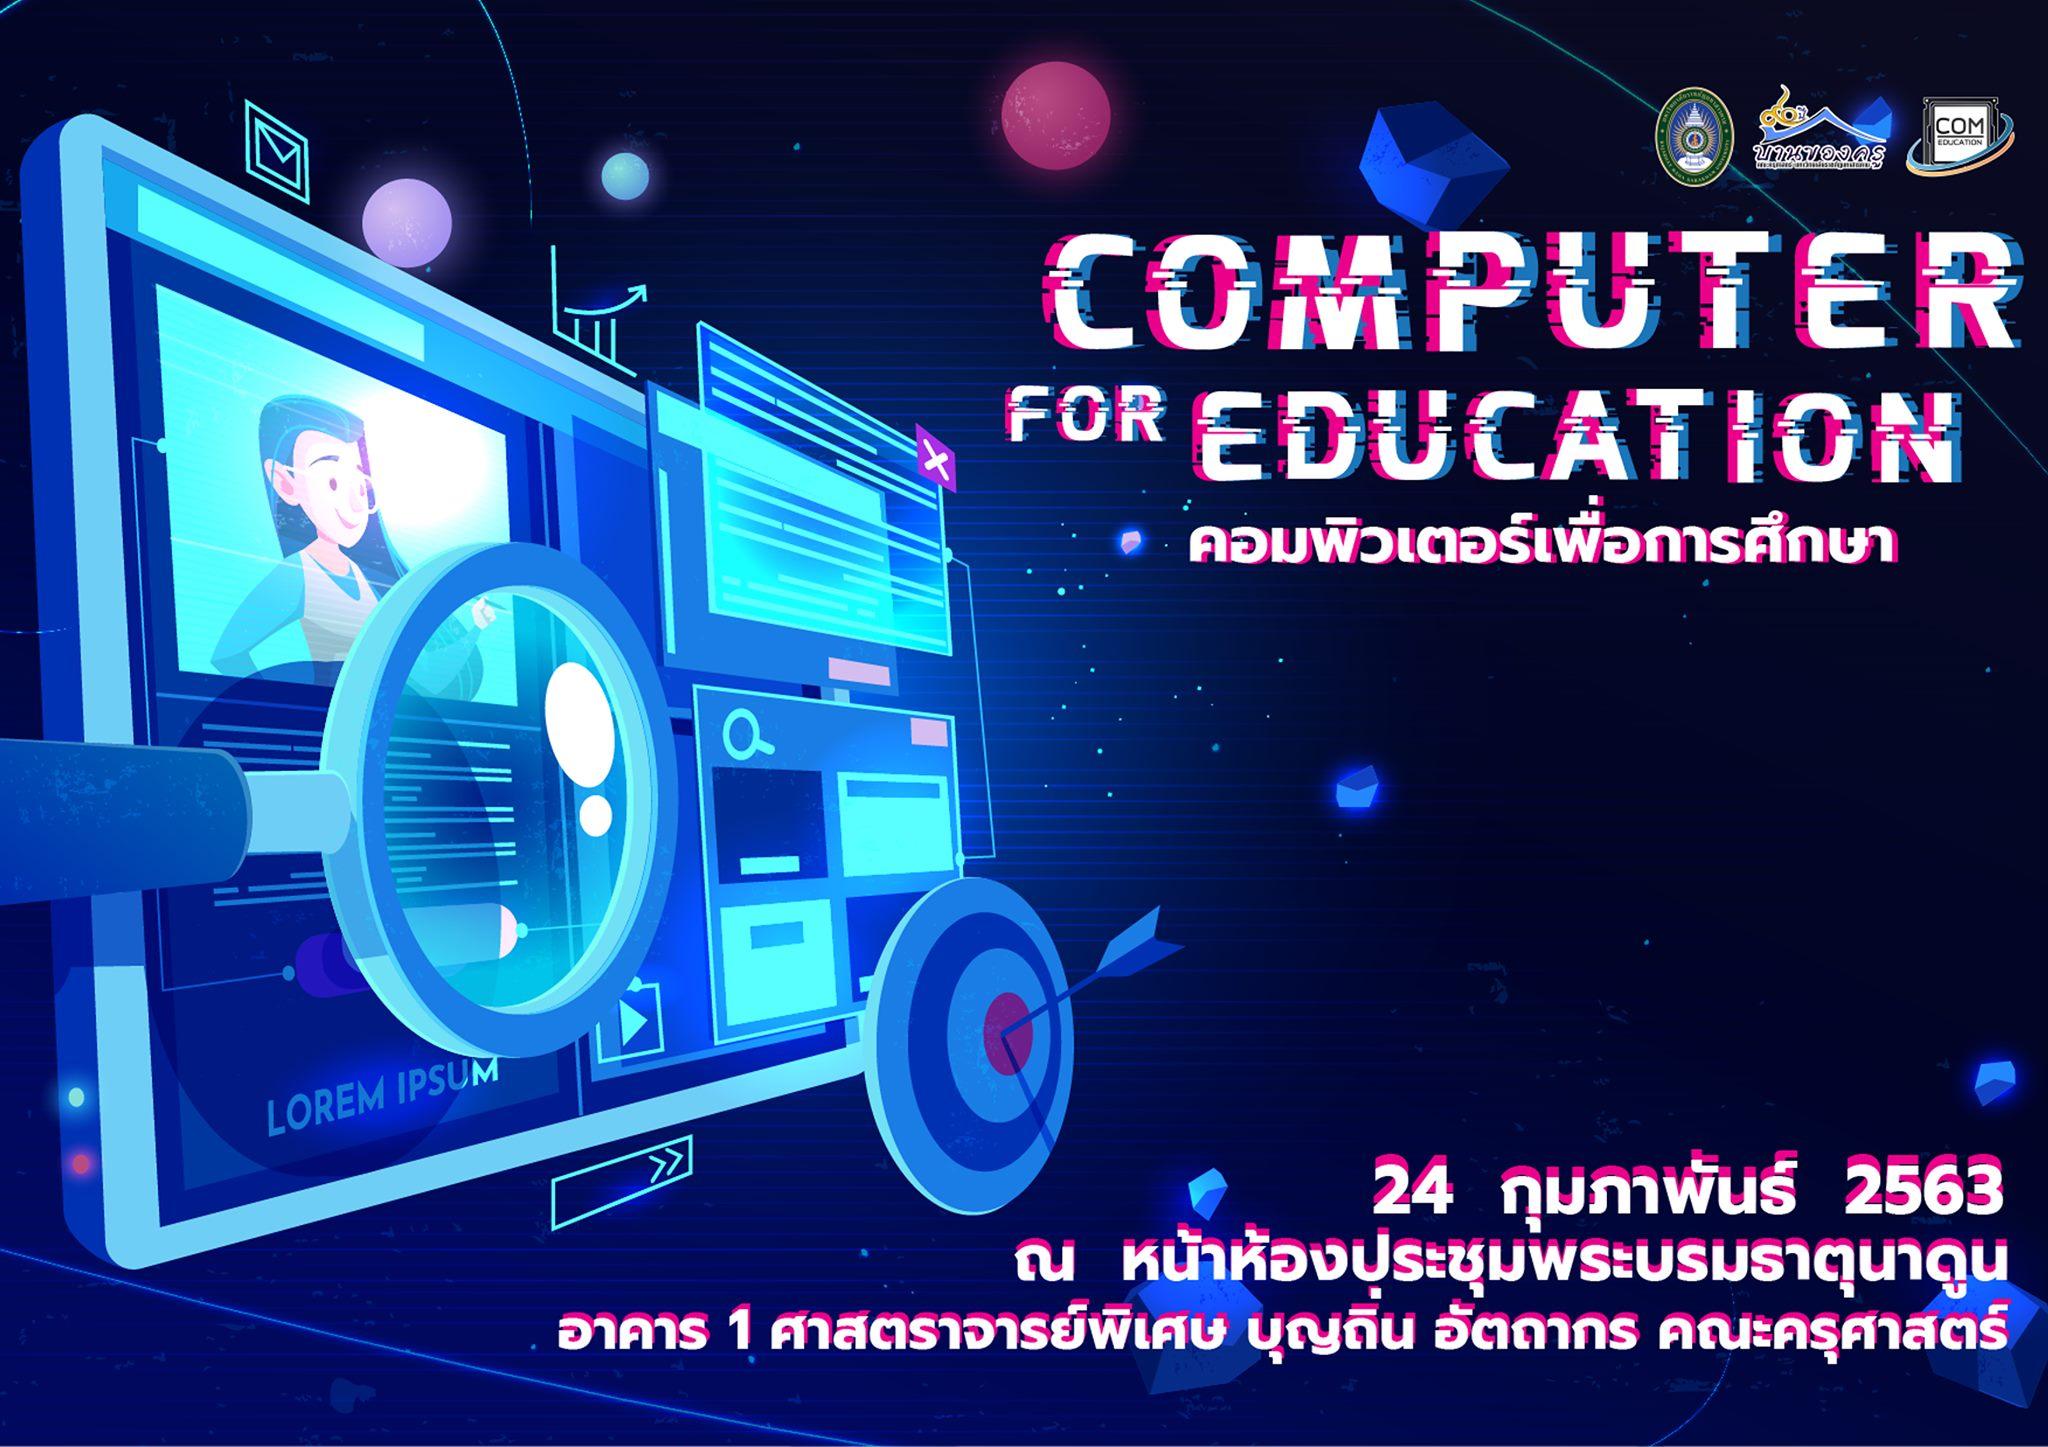 ขอเชิญชวนนักศึกษาทุกท่านเข้าร่วมชมนิทรรศการ computer for education คอมพิวเตอร์เพื่อการศึกษา